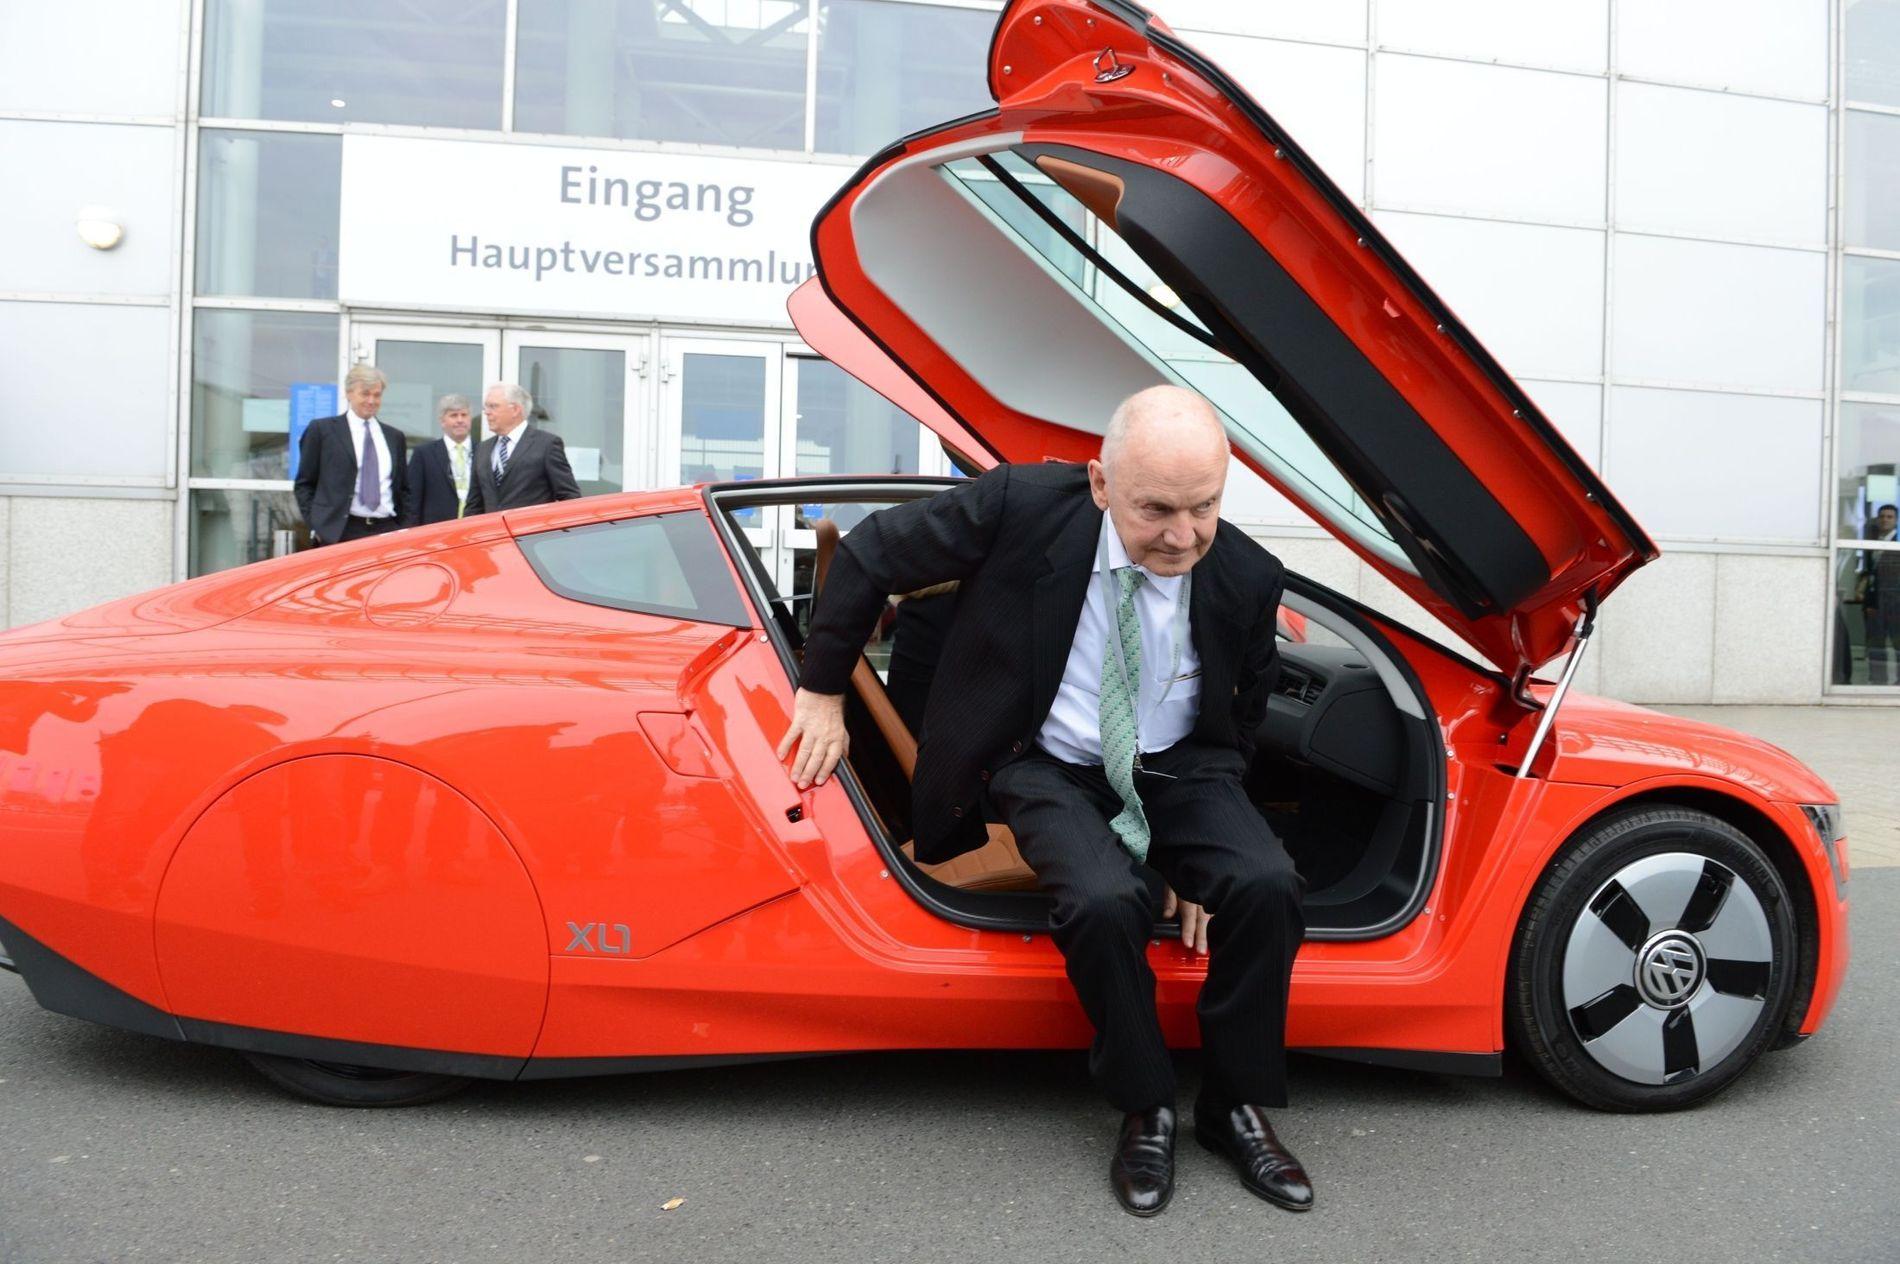 HARD NEGL: Den omstridte og kompromissløse Ferdinand Piech, etterkommer av selveste Ferdinand Porsche, røk i tottene med Martin Winterkorn i vår.